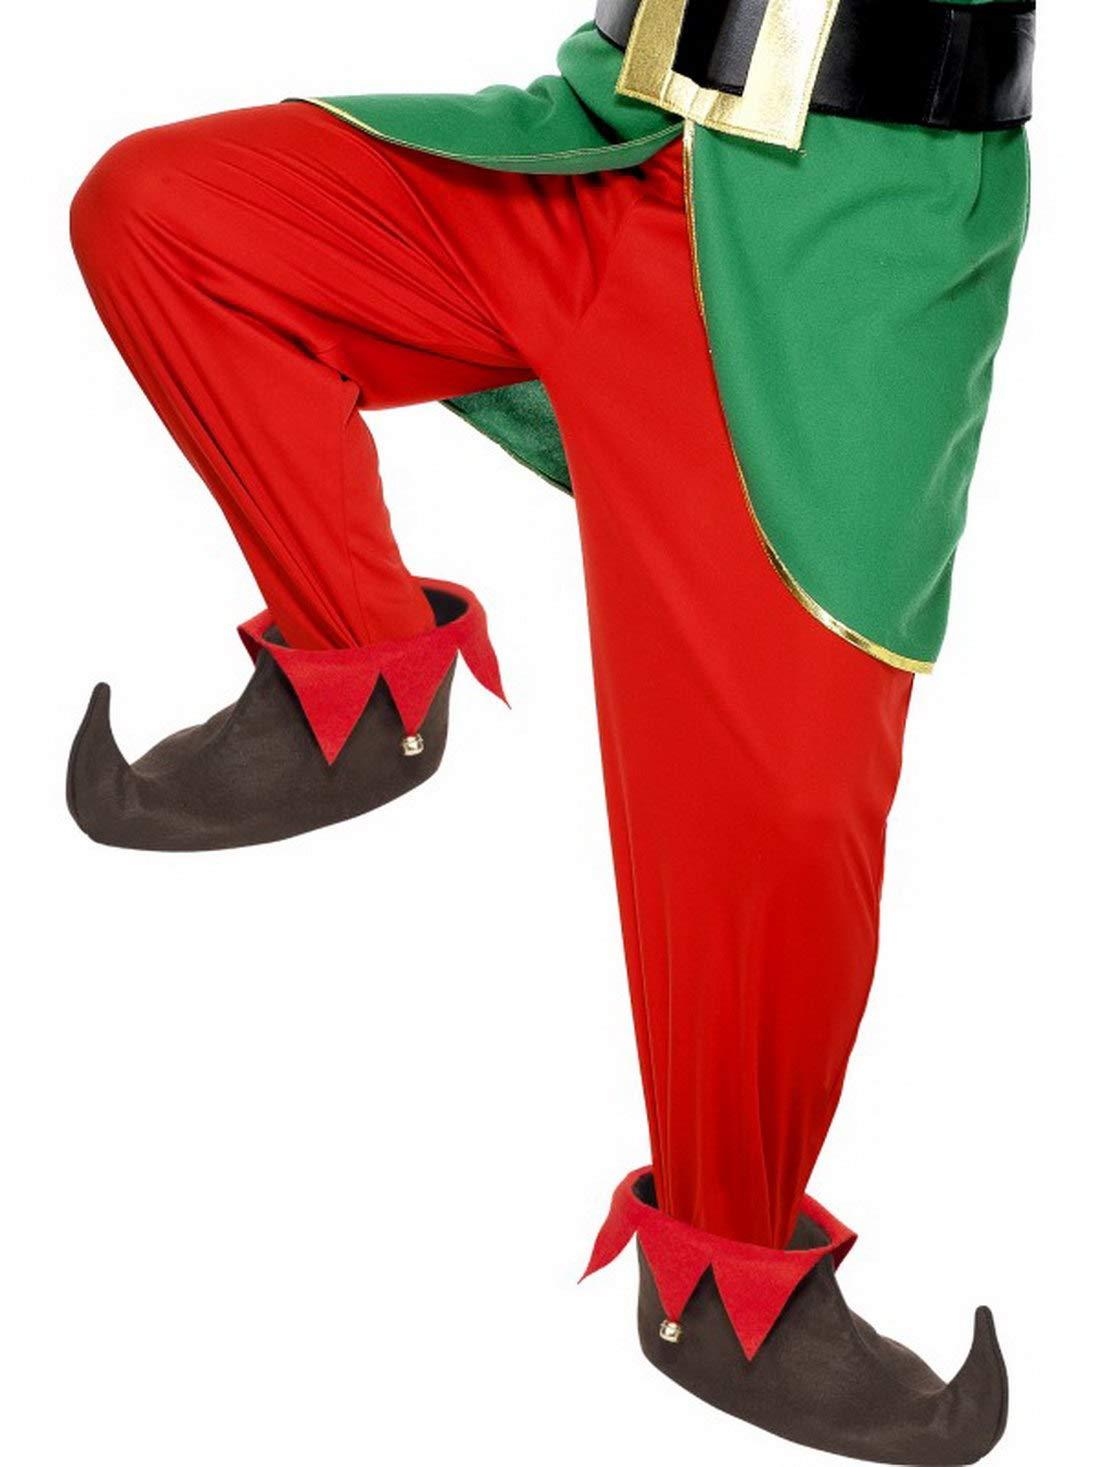 Karnevalsbud Schwarz perfekt f/ür Weihnachten Karneval und Fasching Kost/üm Accessoires Zubeh/ör Kobold Elfen Schuhe mit Gl/öckchen Elf Shoes